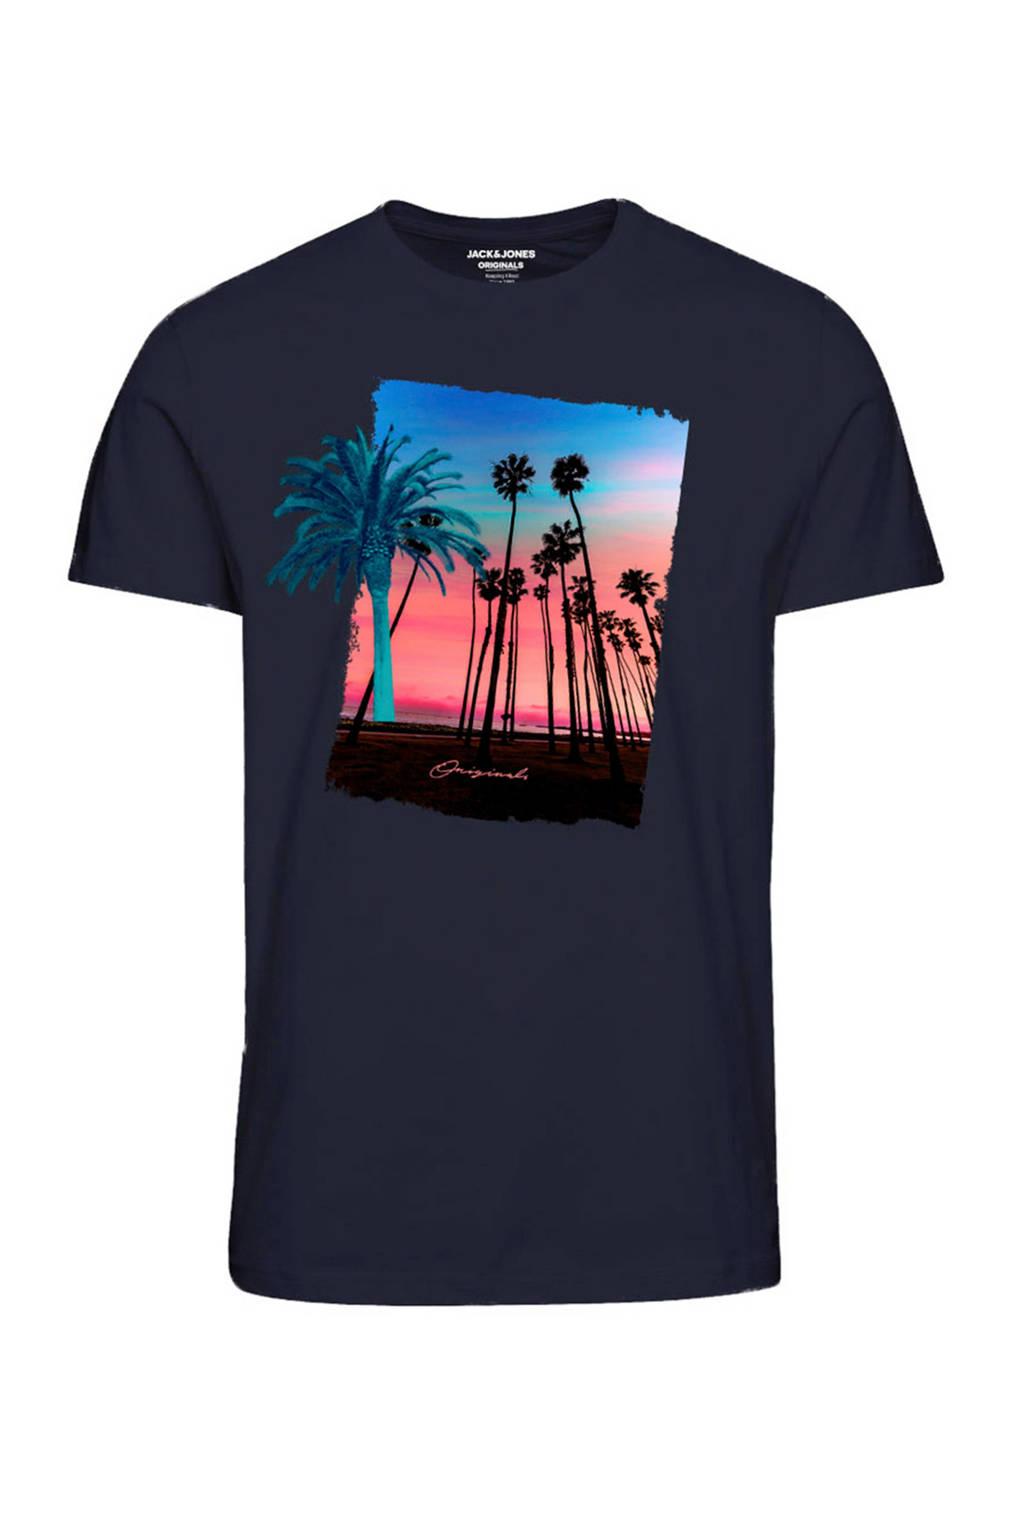 JACK & JONES ORIGINALS T-shirt met printopdruk donkerblauw, Donkerblauw